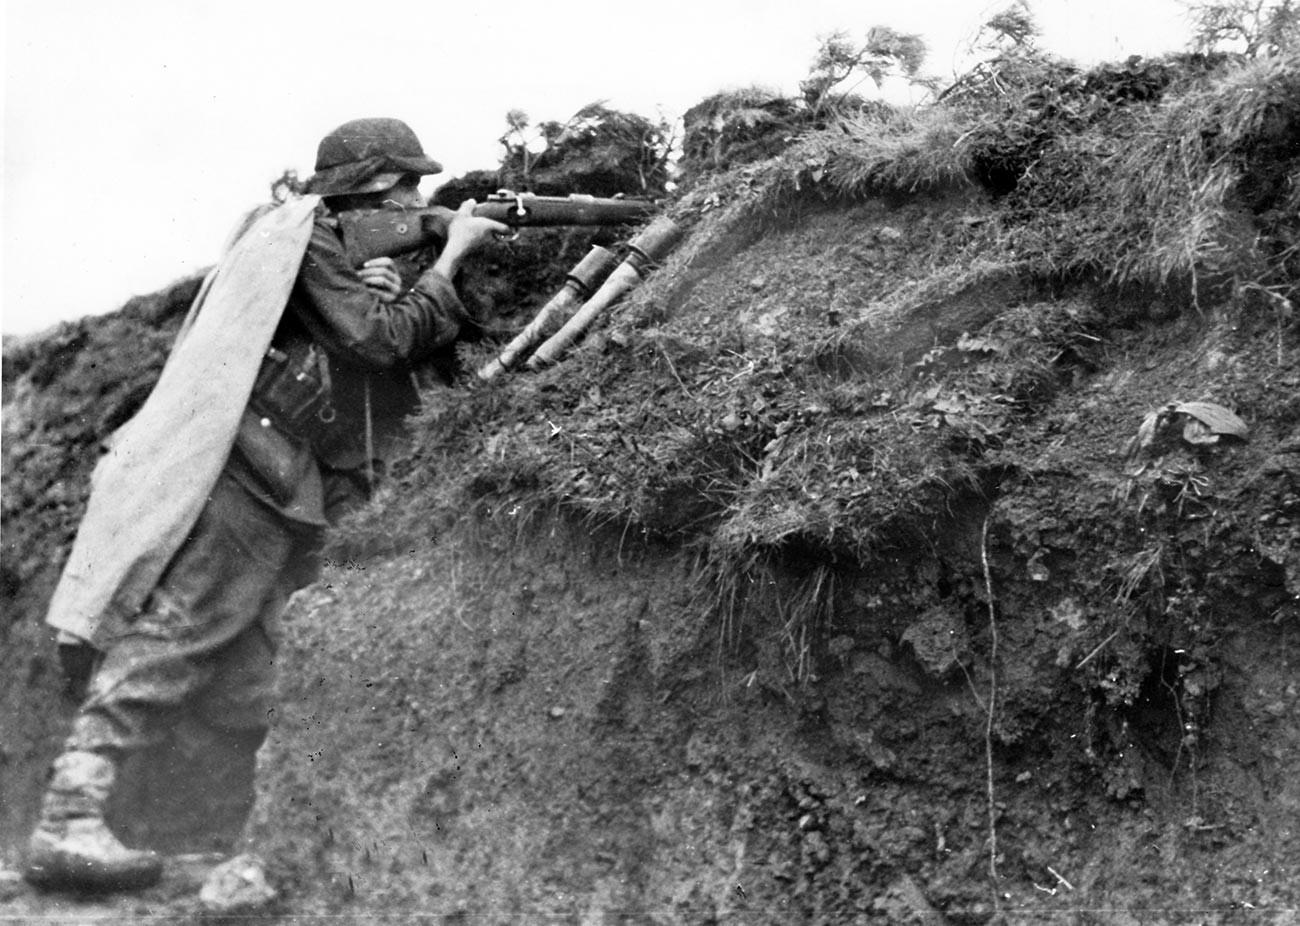 Nemški propagandni posnetki bojev na Karpatih, oktober 1944